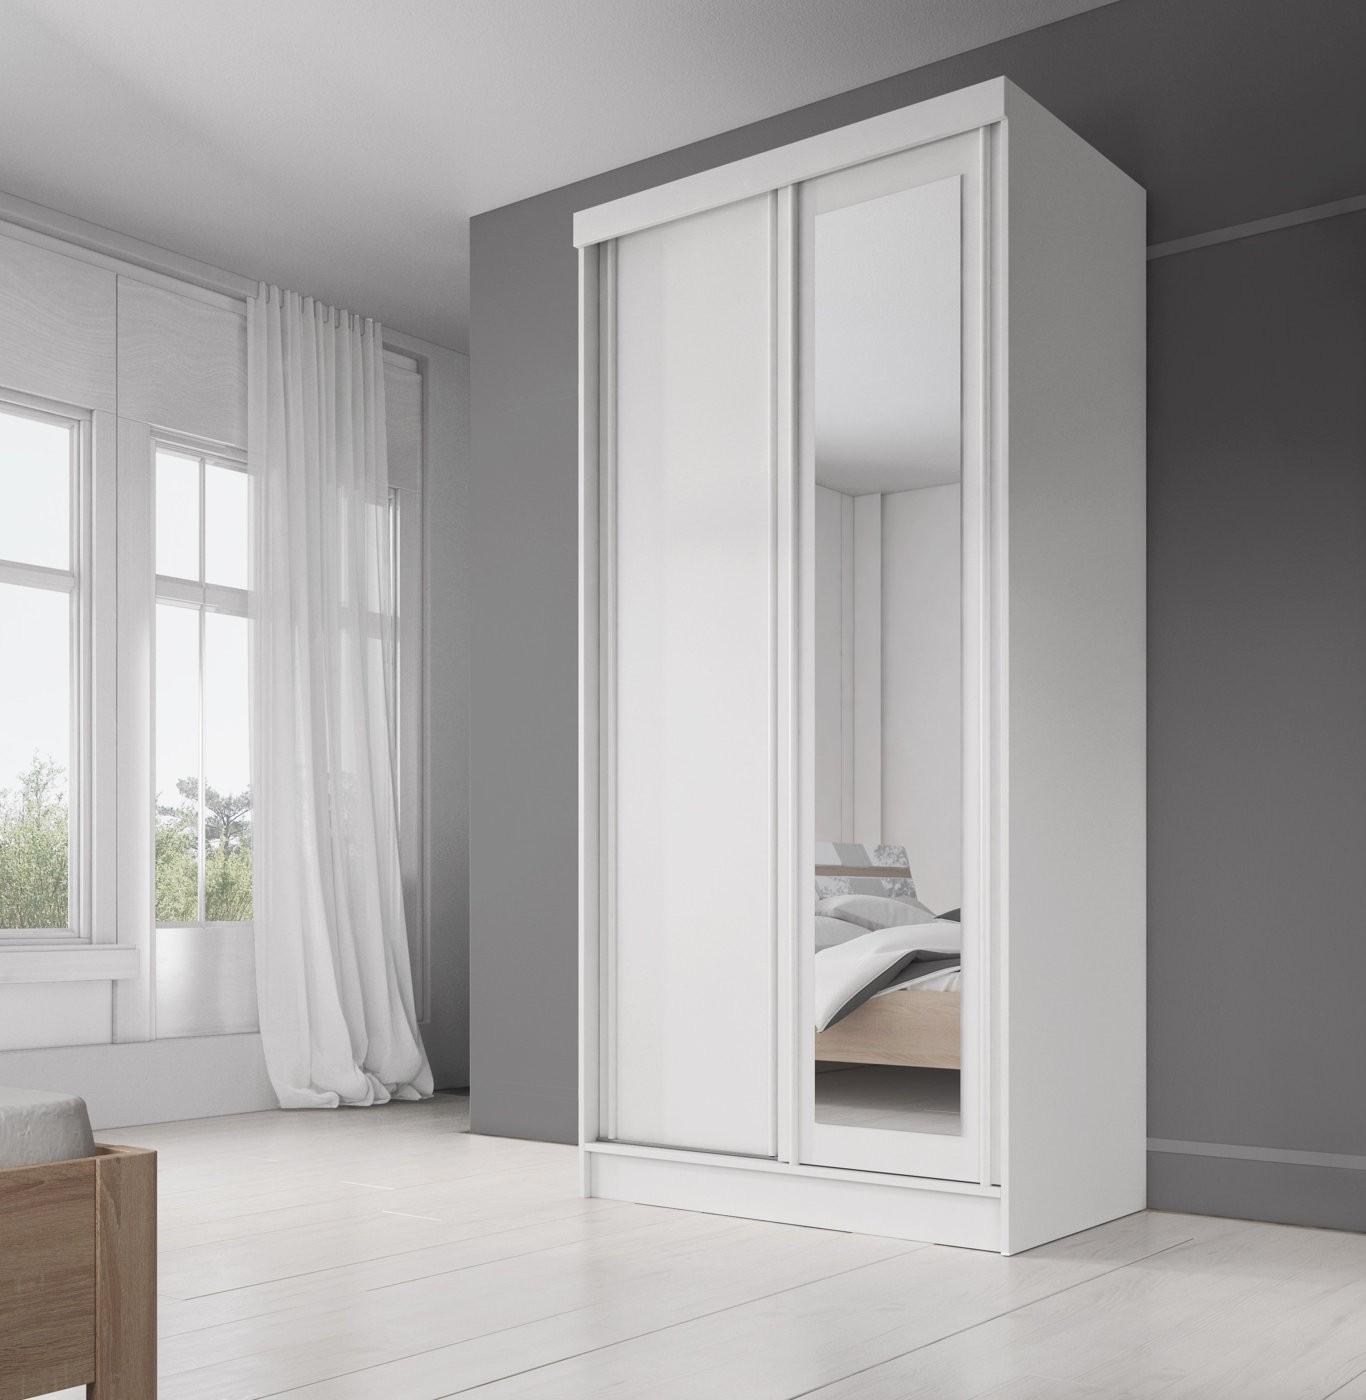 kledingkast allison wit 100 cm meubella. Black Bedroom Furniture Sets. Home Design Ideas